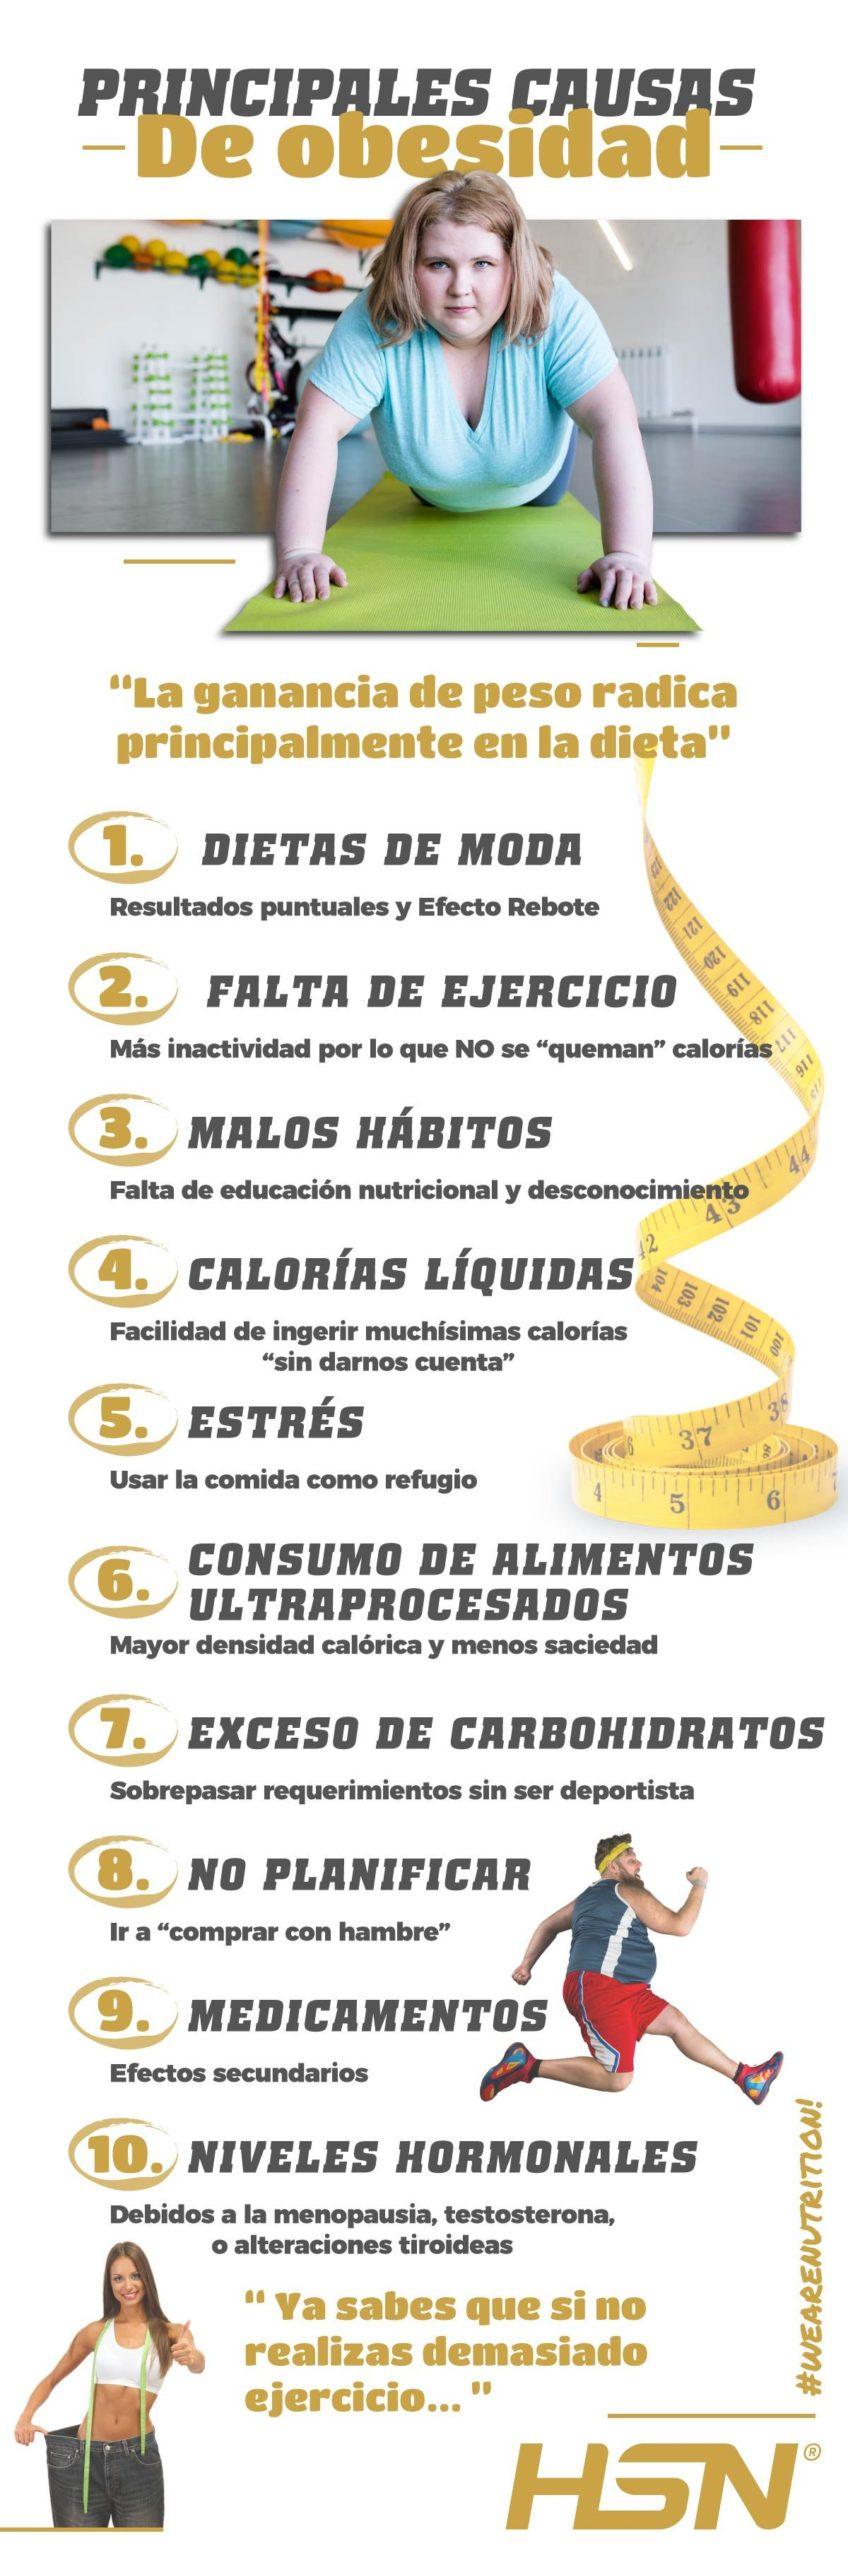 Causas obesidad